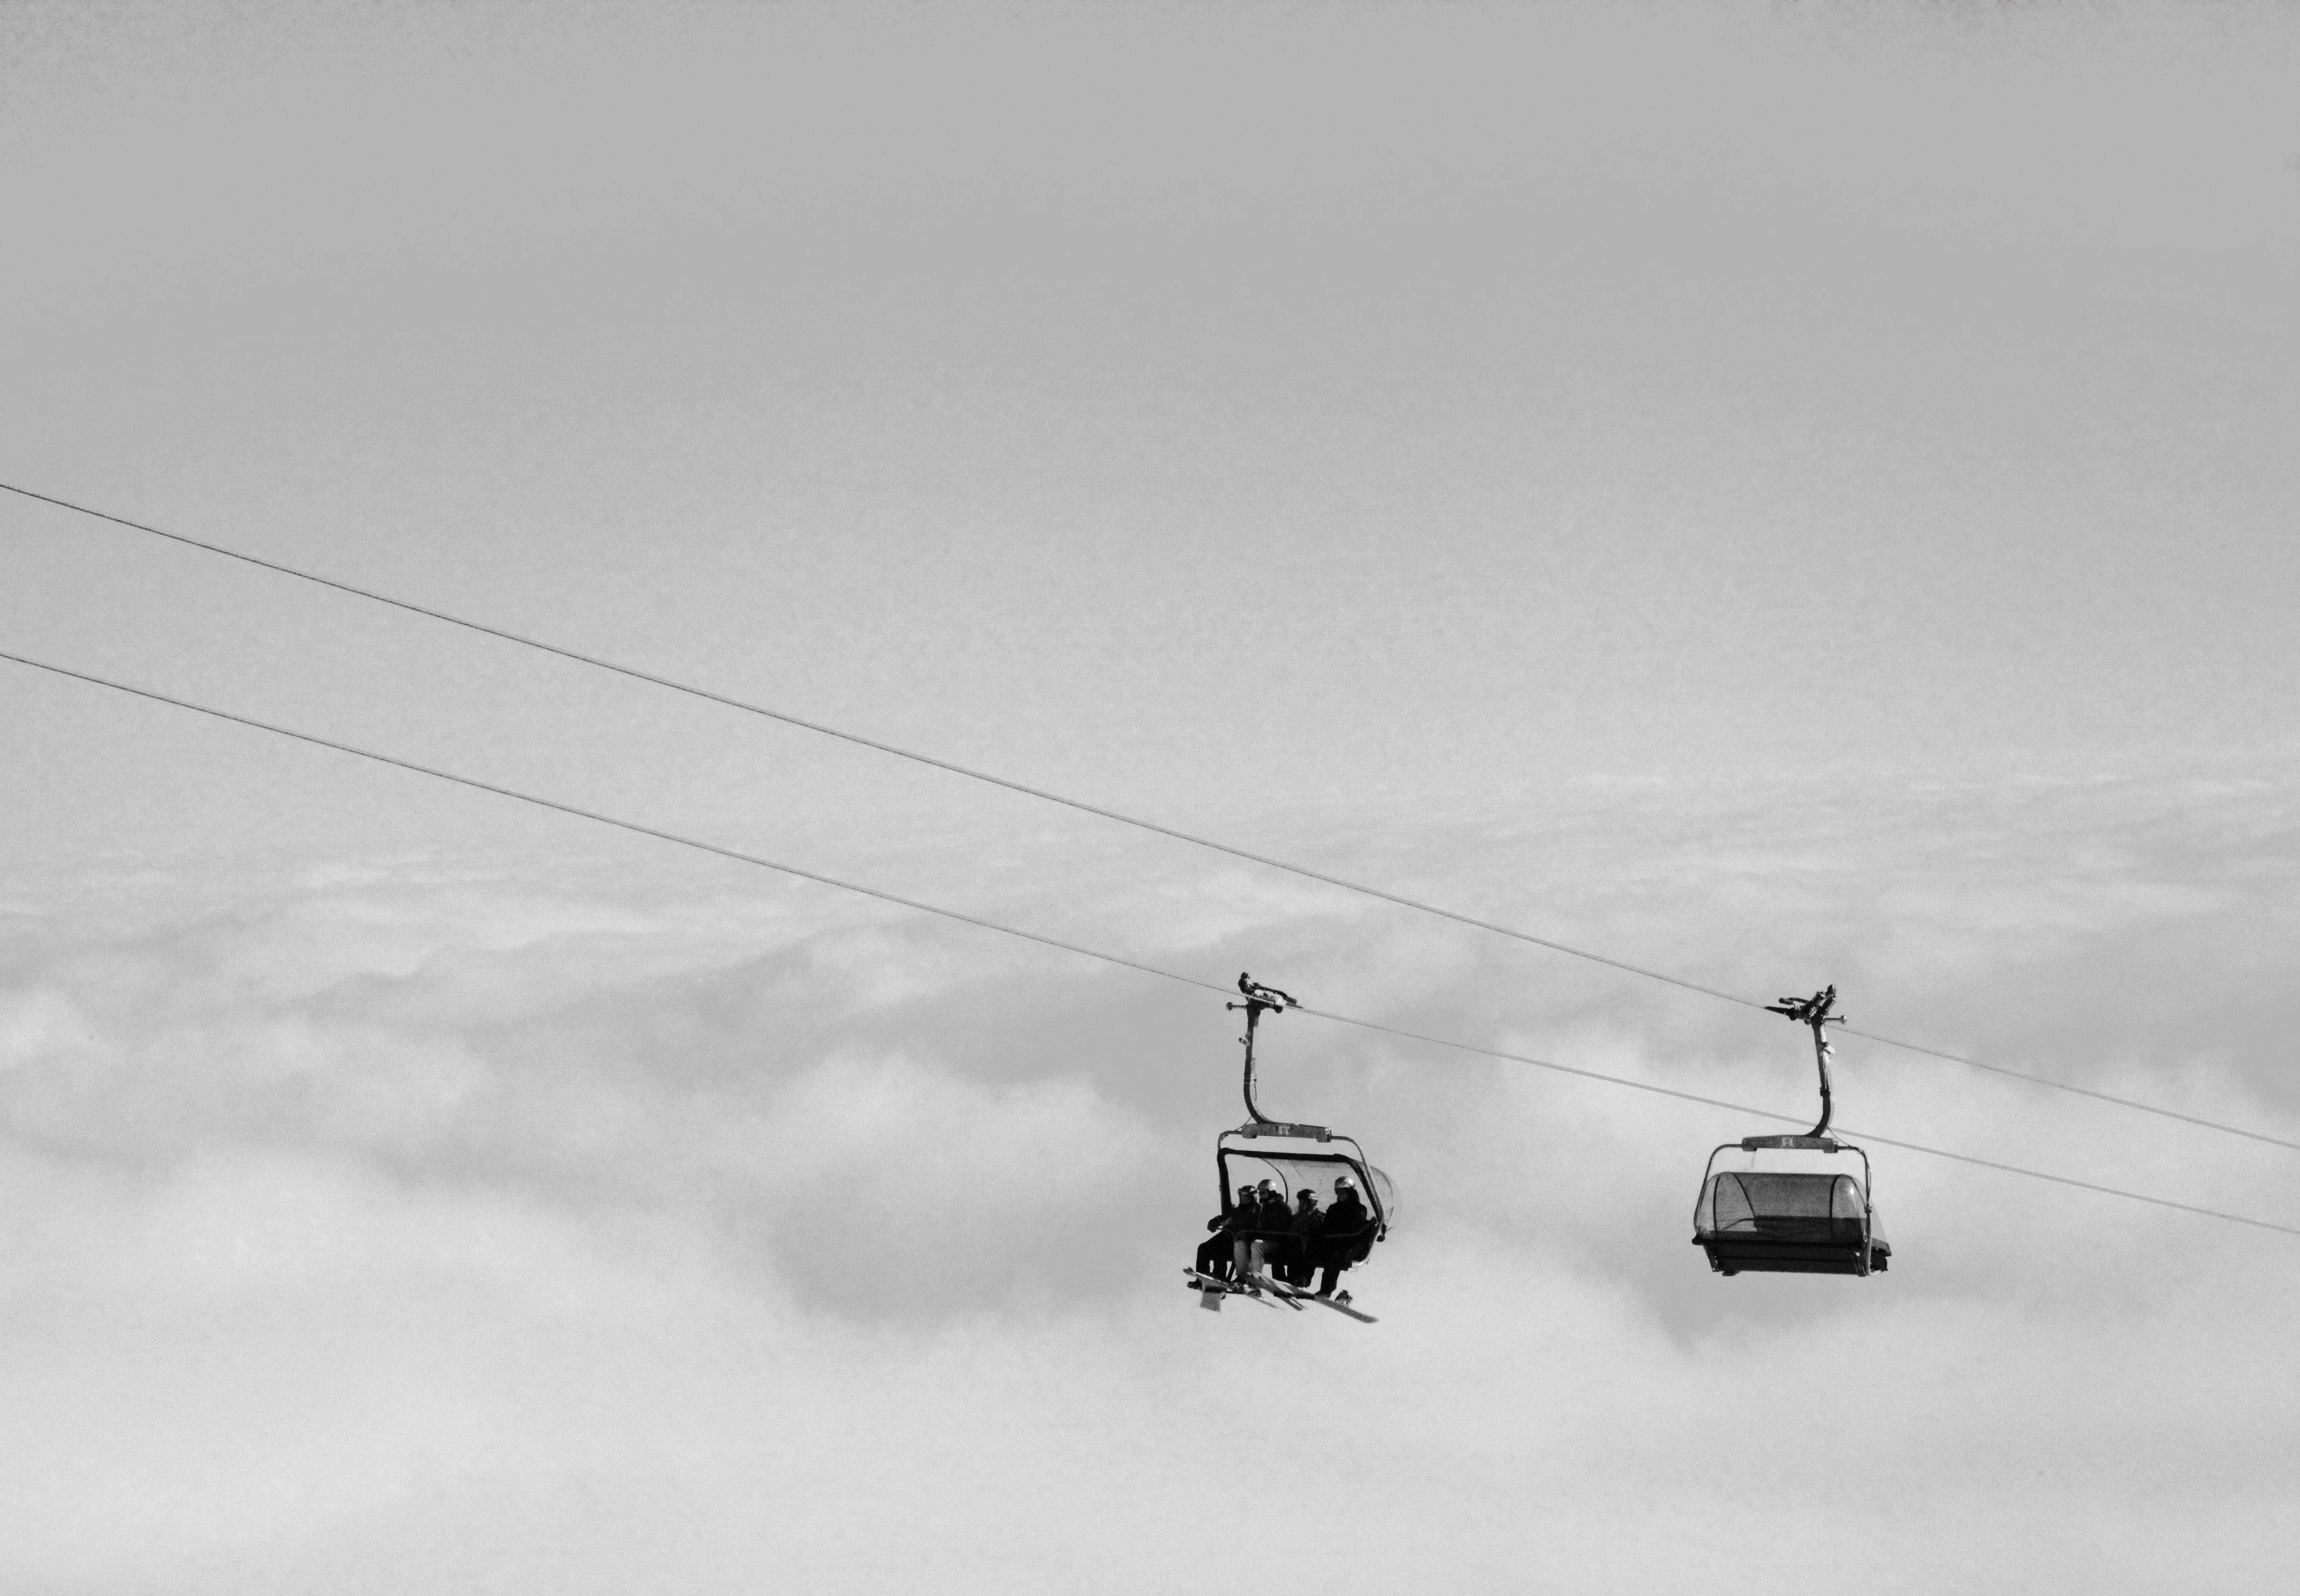 Gondel © Tesa de Buru Erzgebirge, 2013